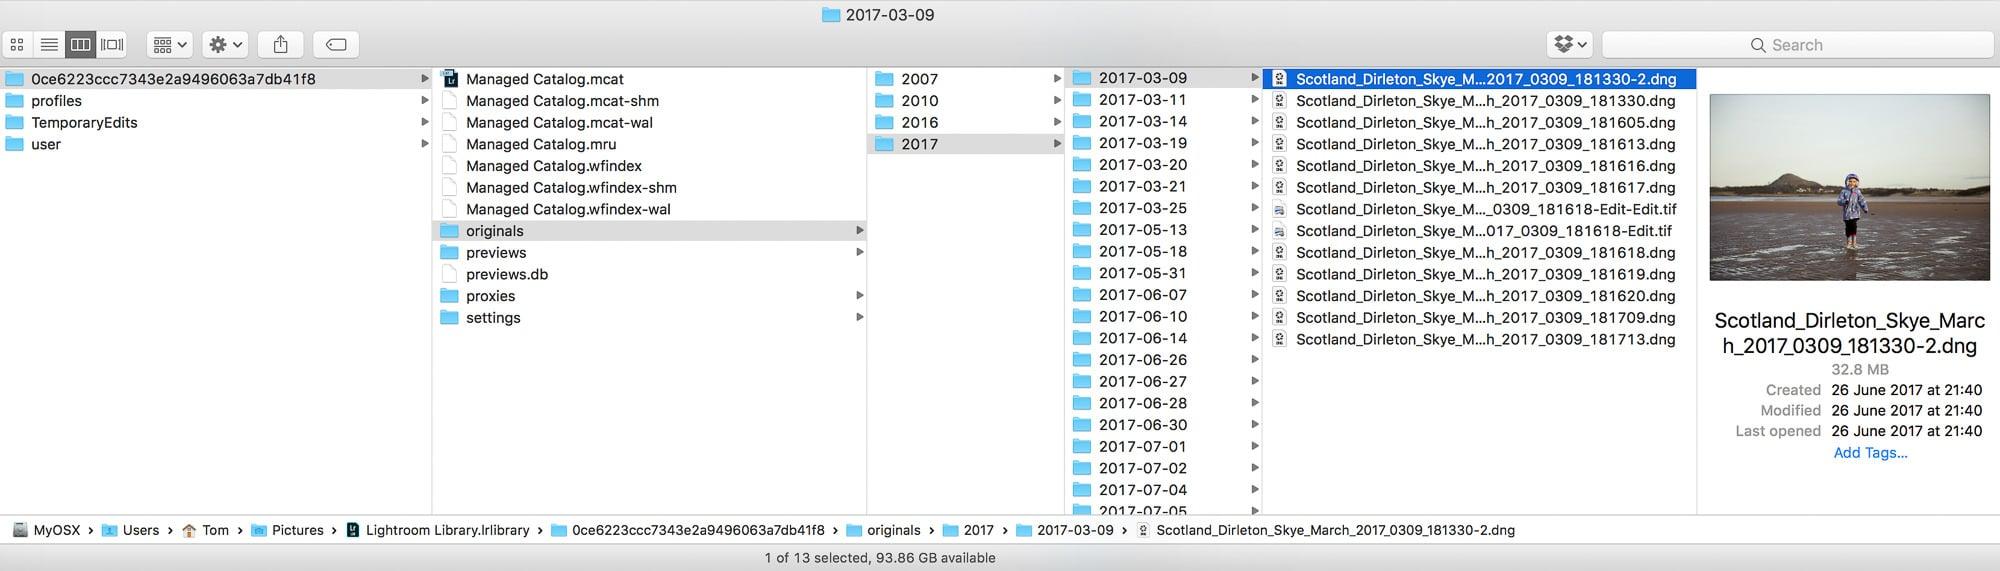 les fichiers originaux sont stockes dans LRCC sur le pc